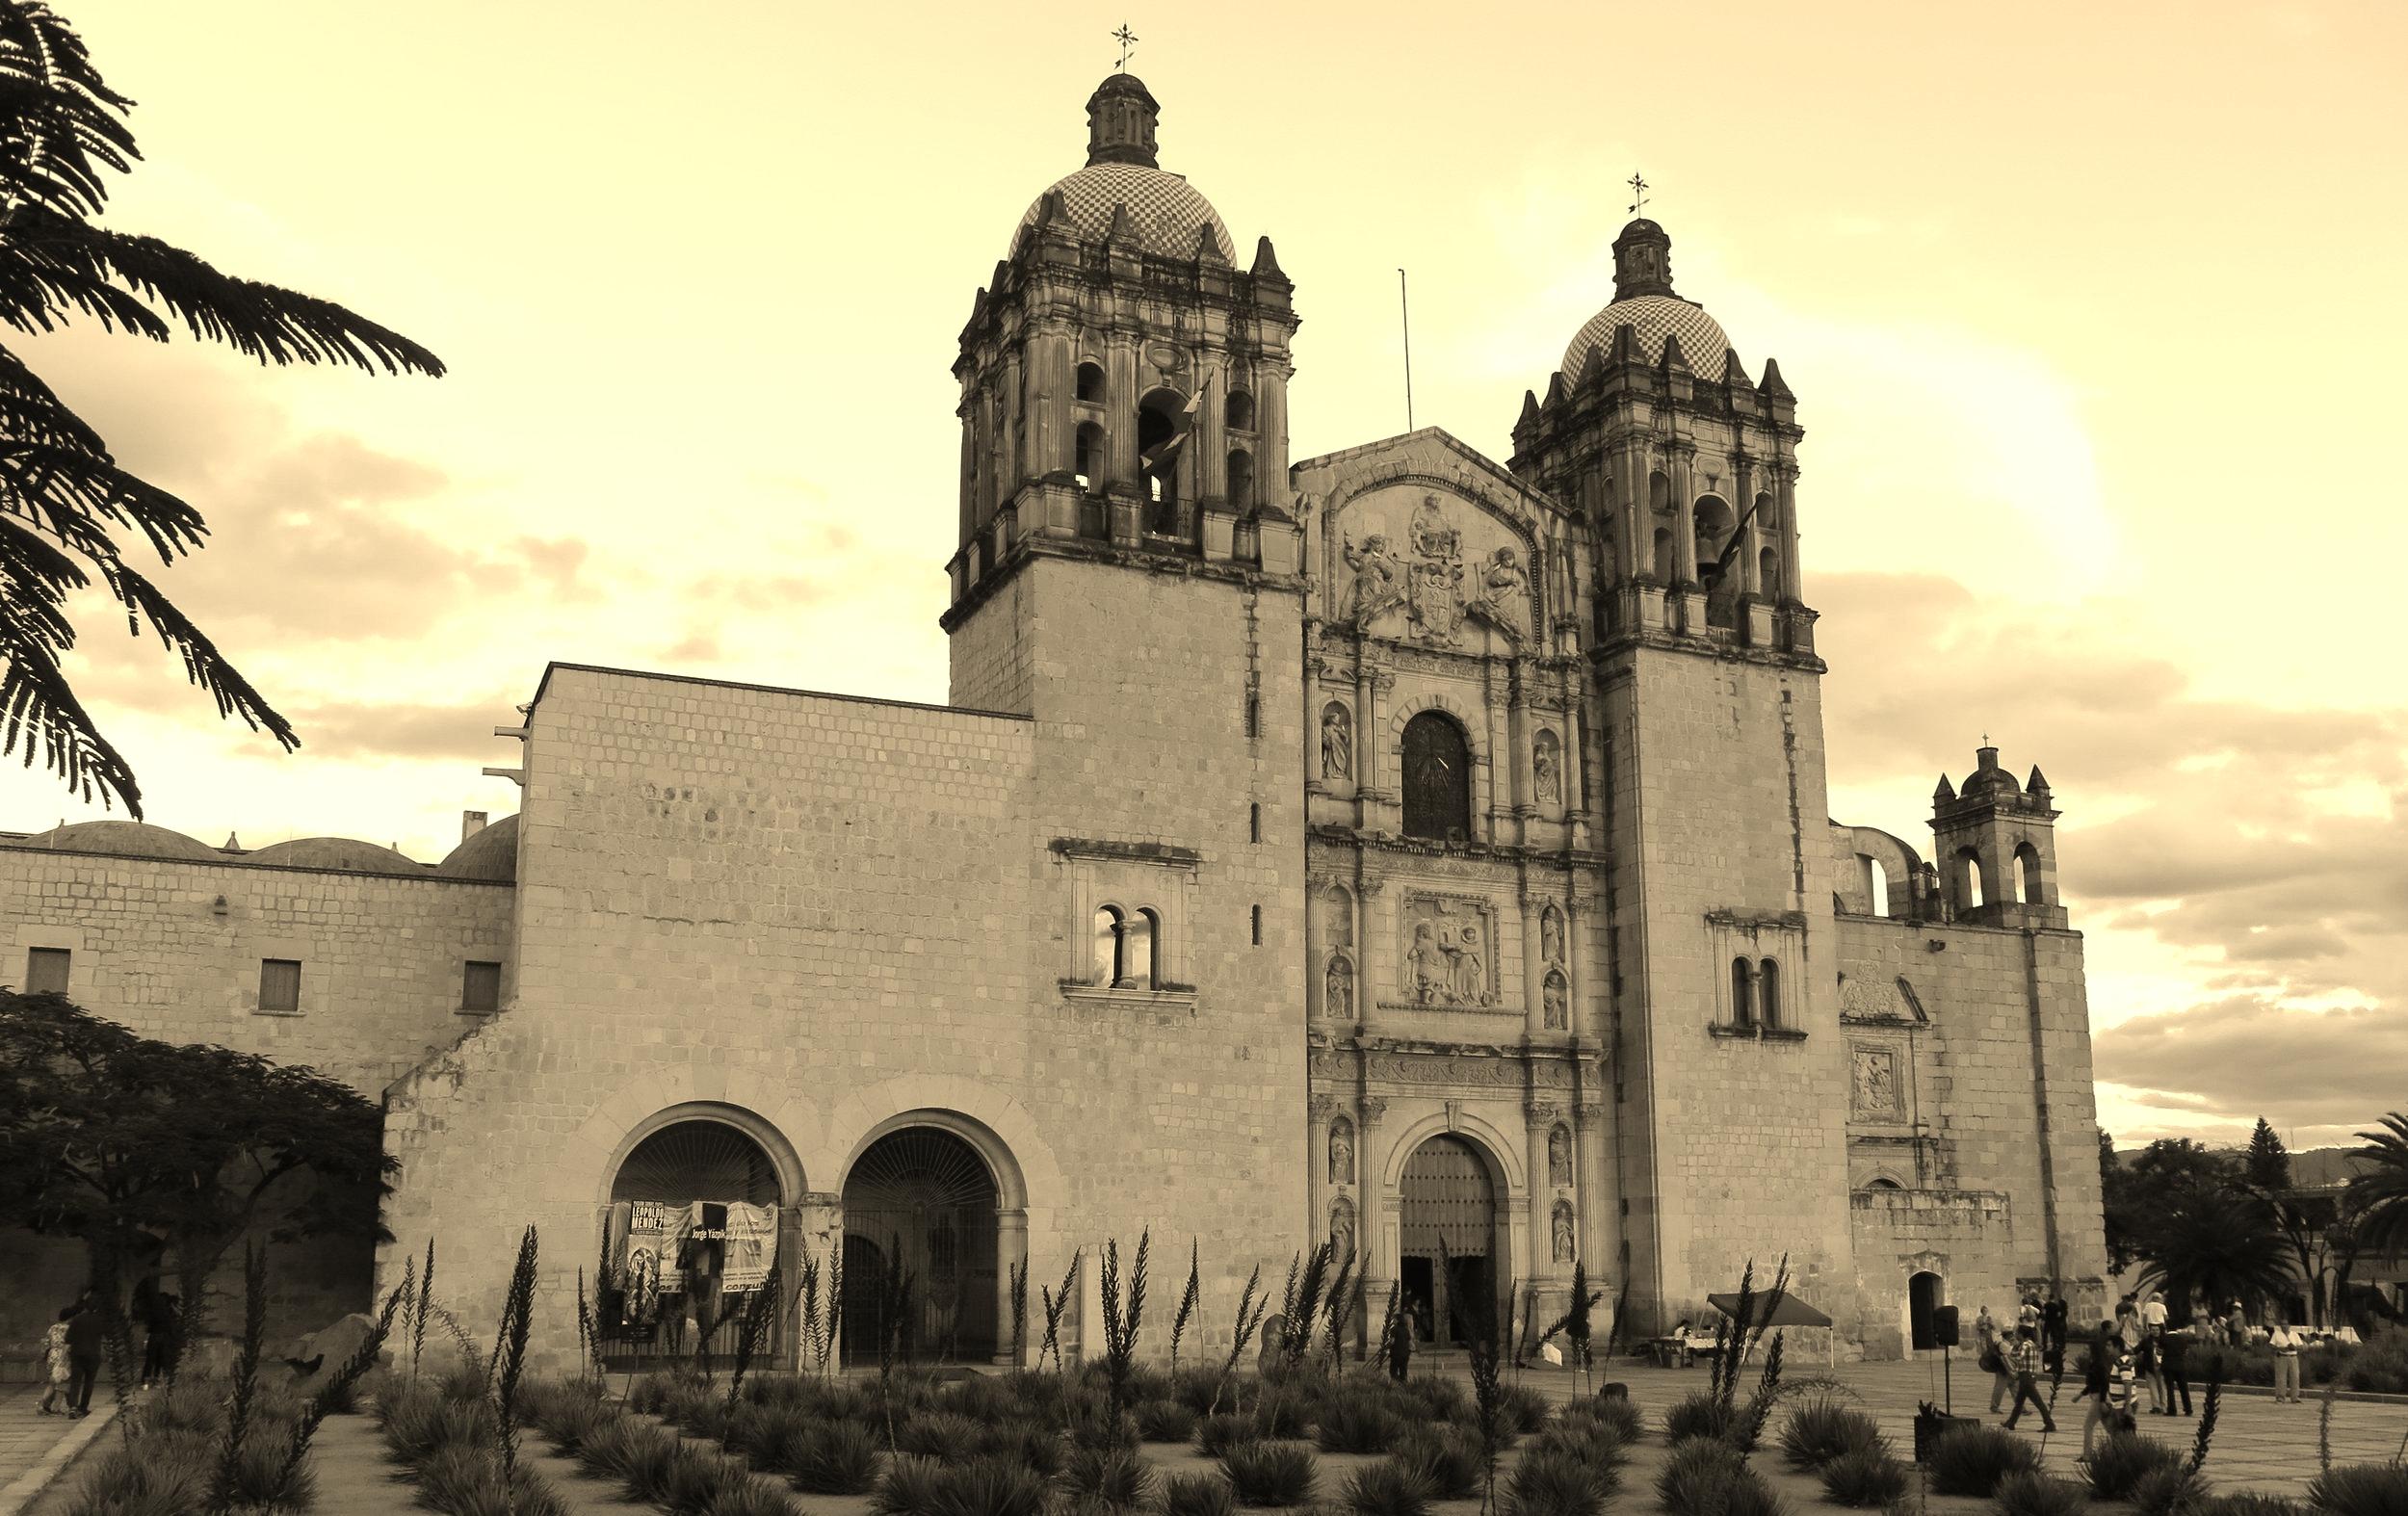 Zocalo, Oaxaca City, Mexico